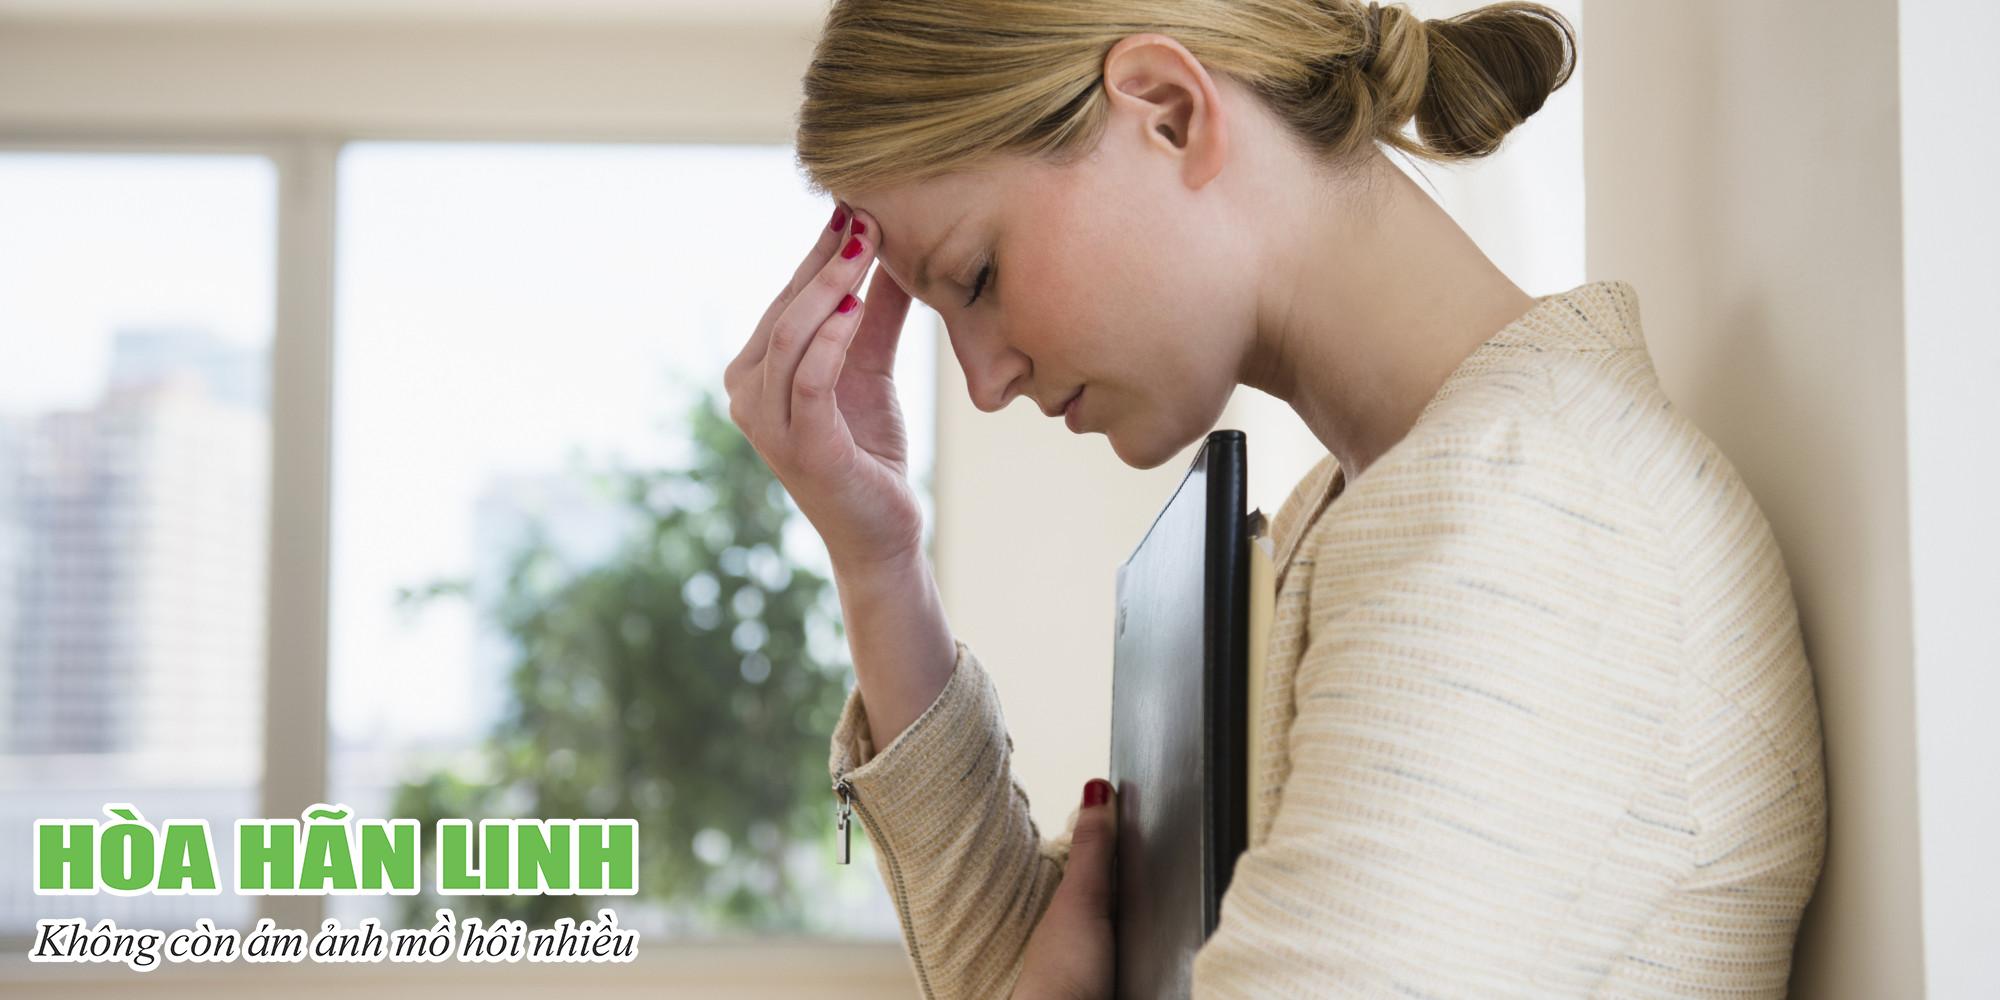 Mồ hôi thường tiết ra nhiều hơn khi chúng ta lo lắng, căng thẳng